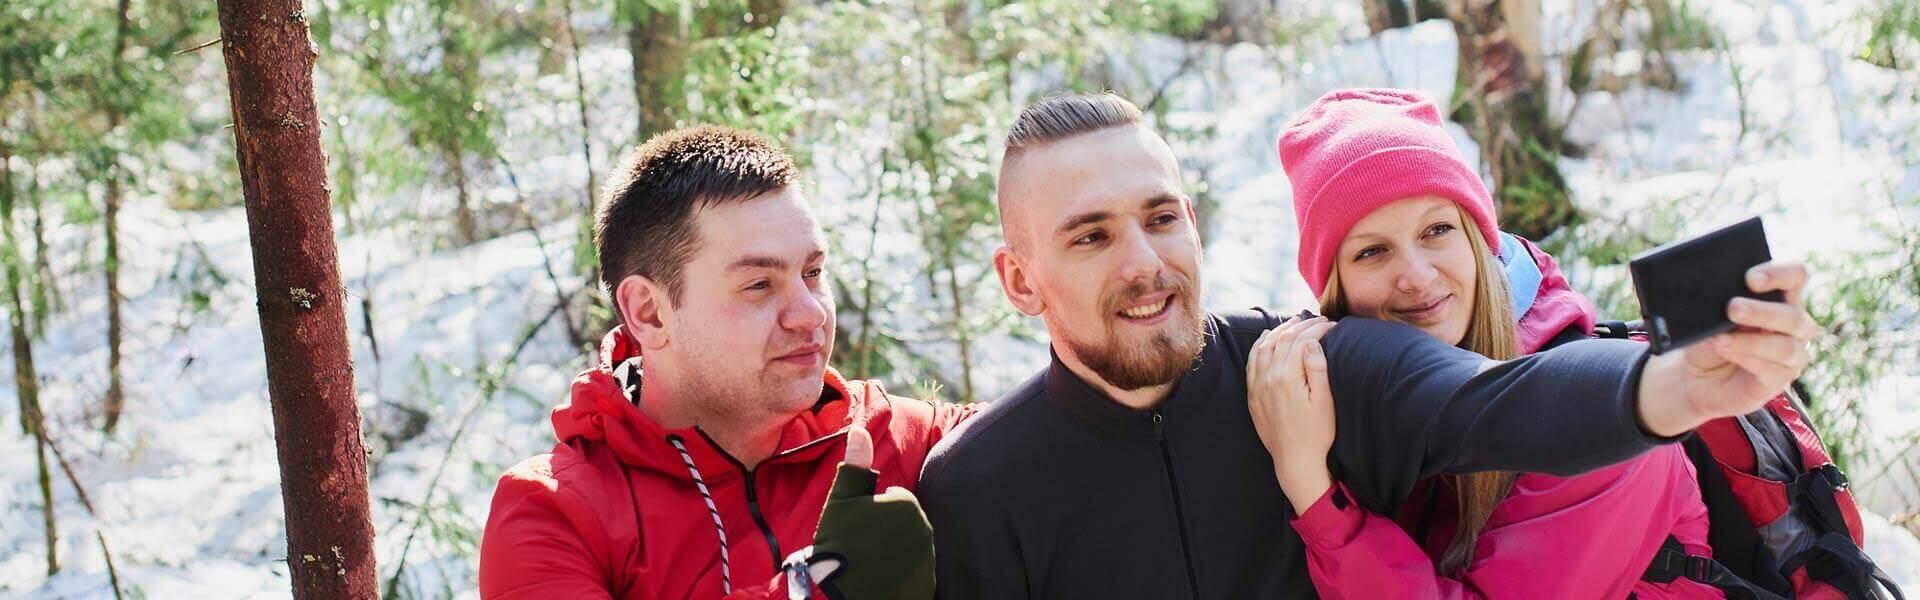 Gruppenbilder und Rätsel lösen bei der Weihnachts-Rallye als Weihnachtsfeier